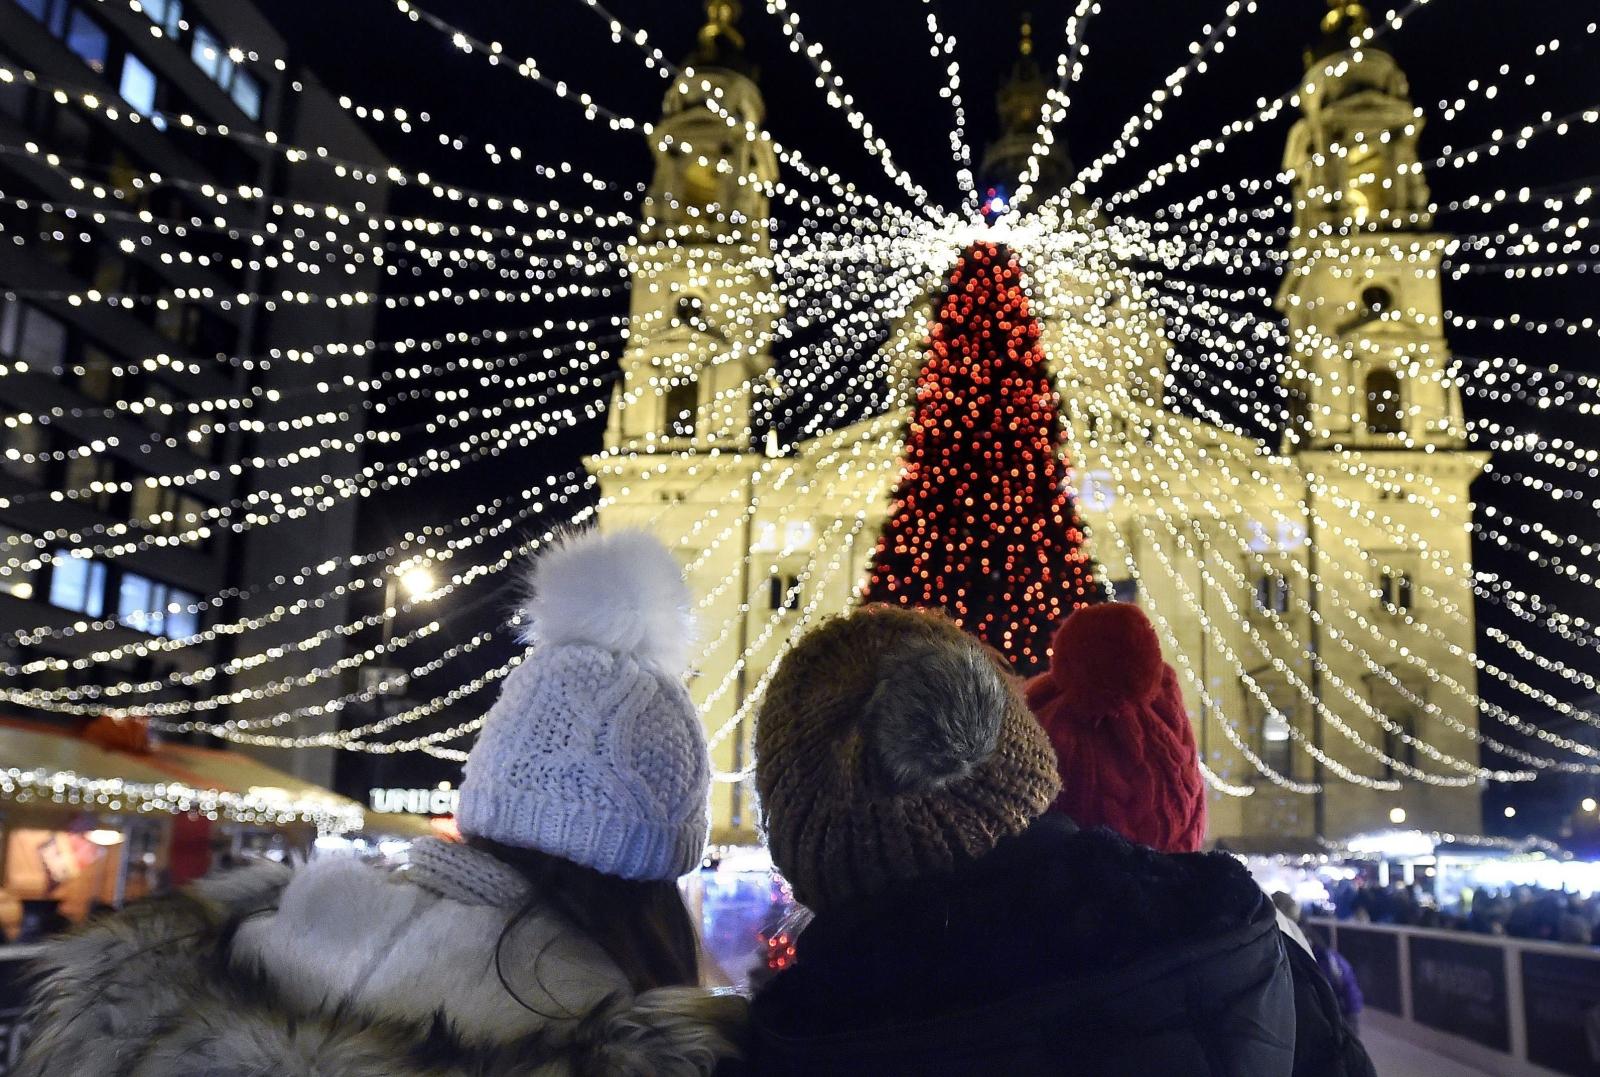 Świąteczne dekoracje w Budapeszcie. fot. EPA/ZOLTAN MATHE